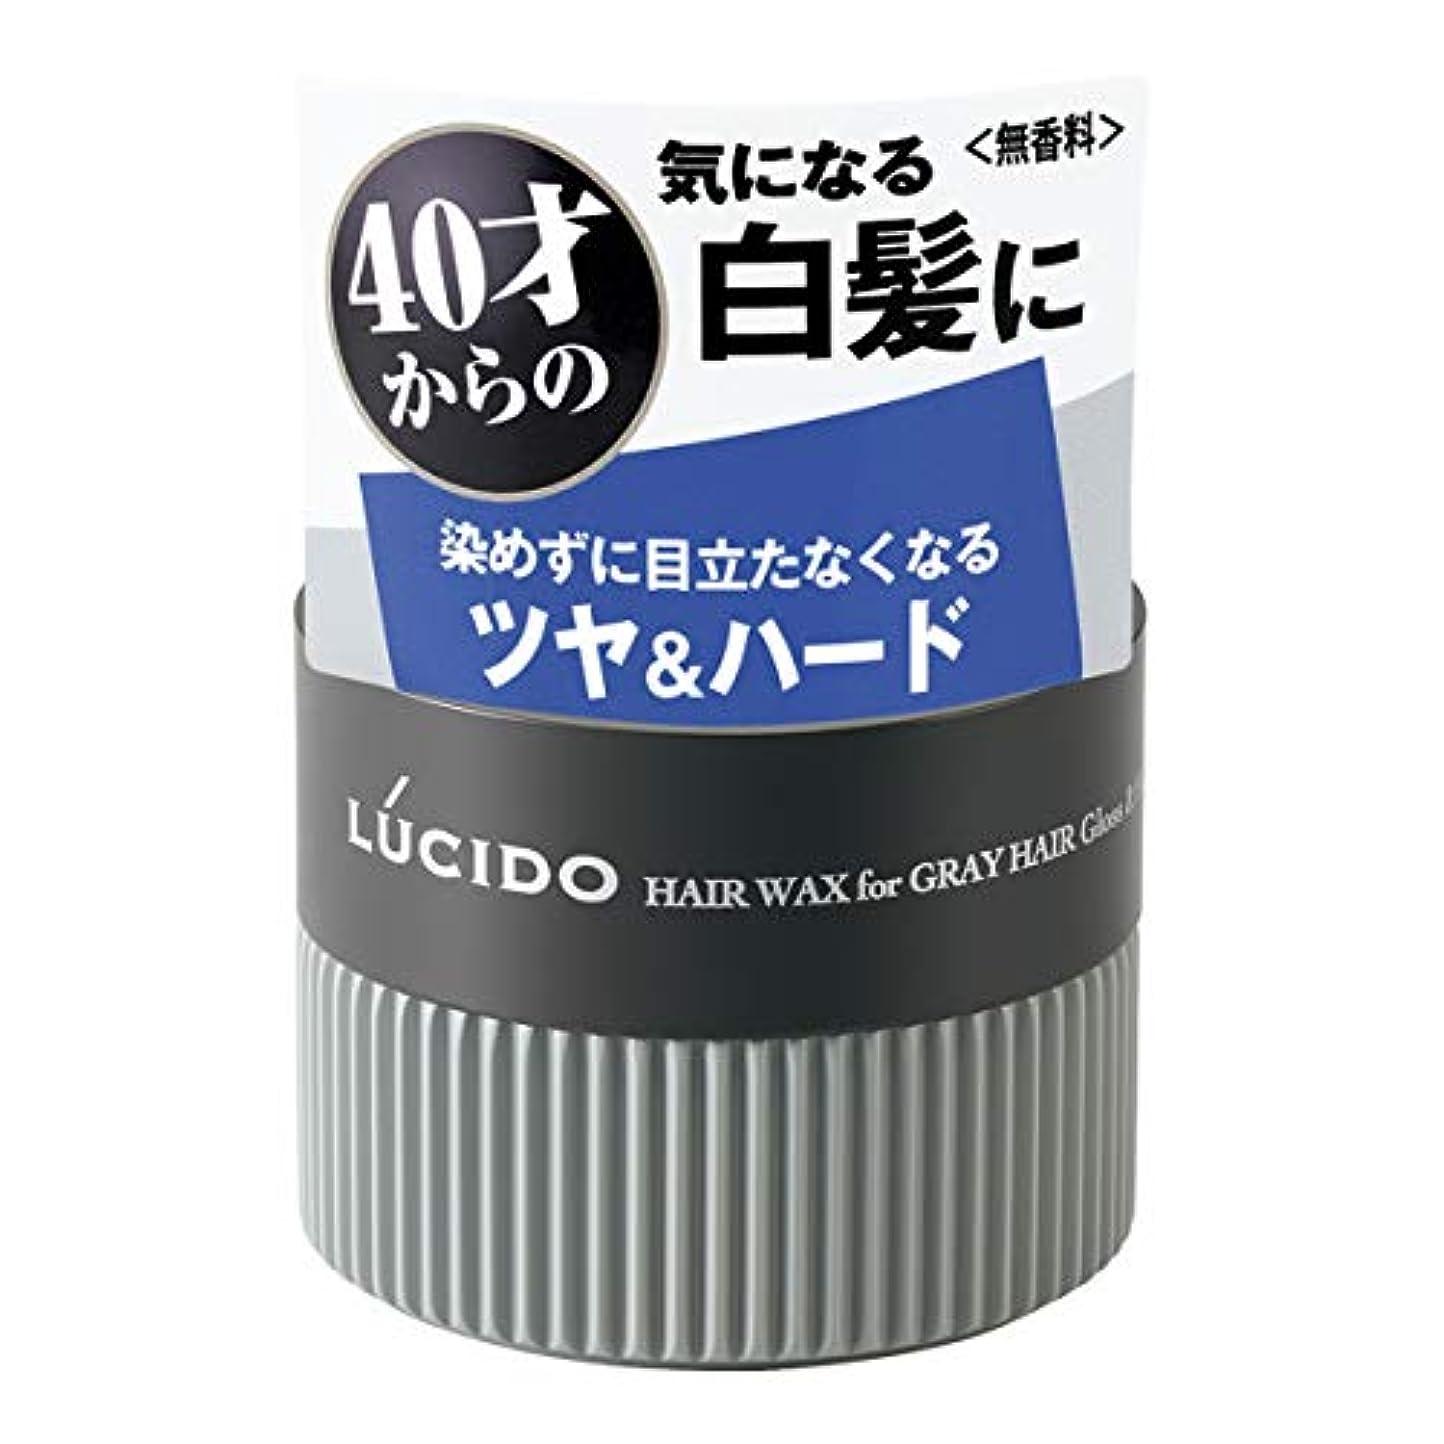 負荷厄介なスカートLUCIDO(ルシード) ヘアワックス 白髪用ワックス グロス&ハード 80g